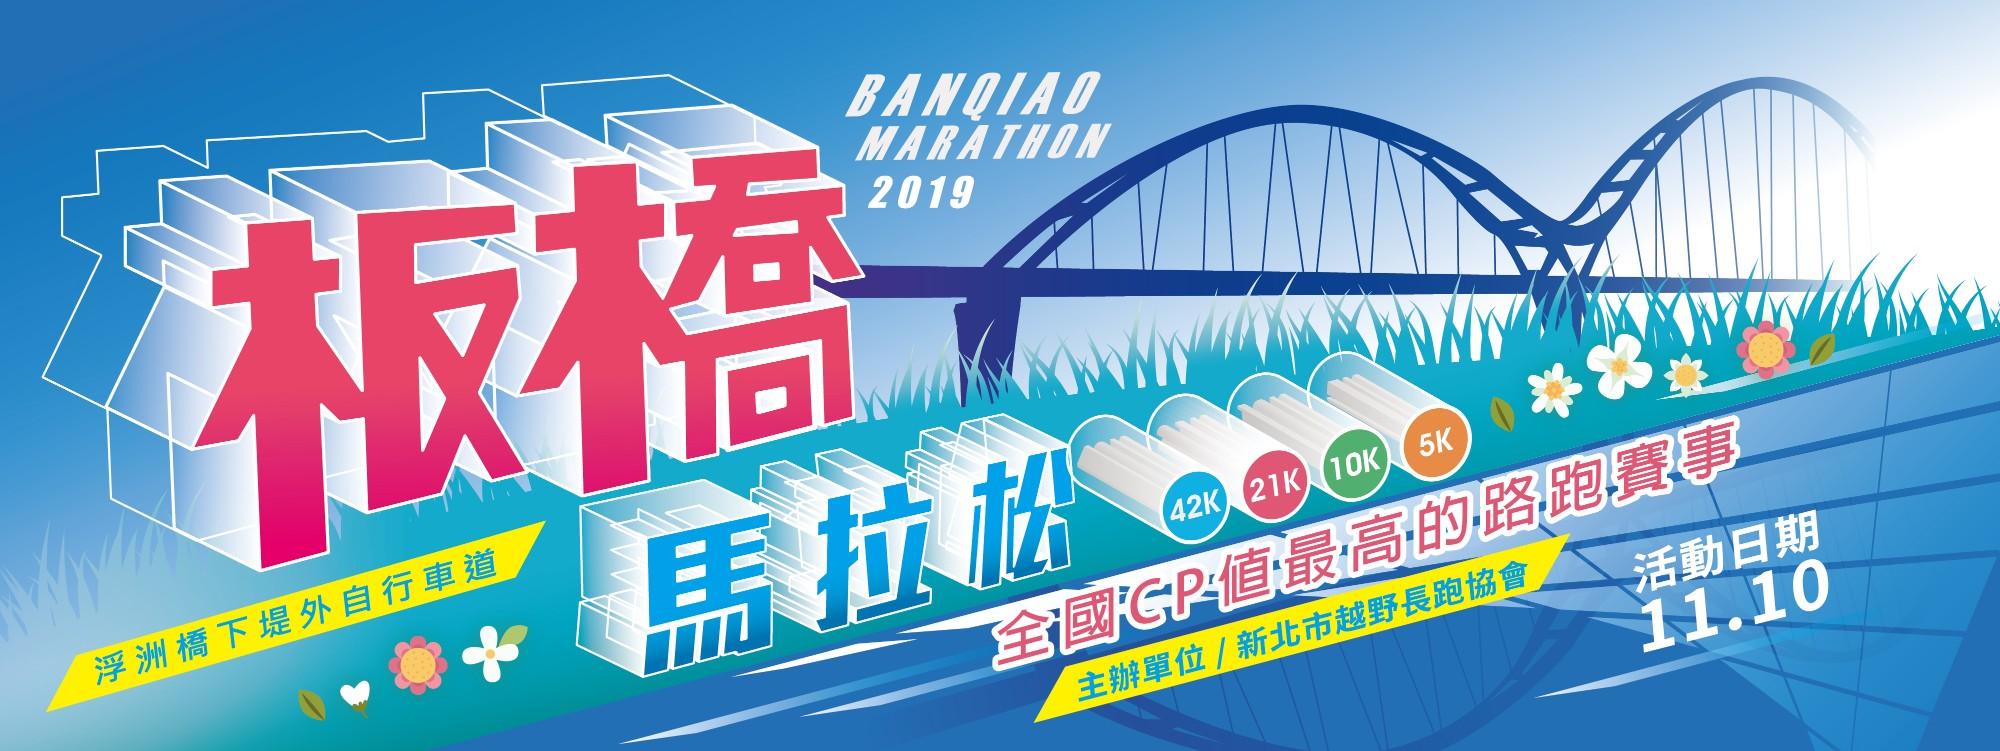 2019 板橋馬拉松